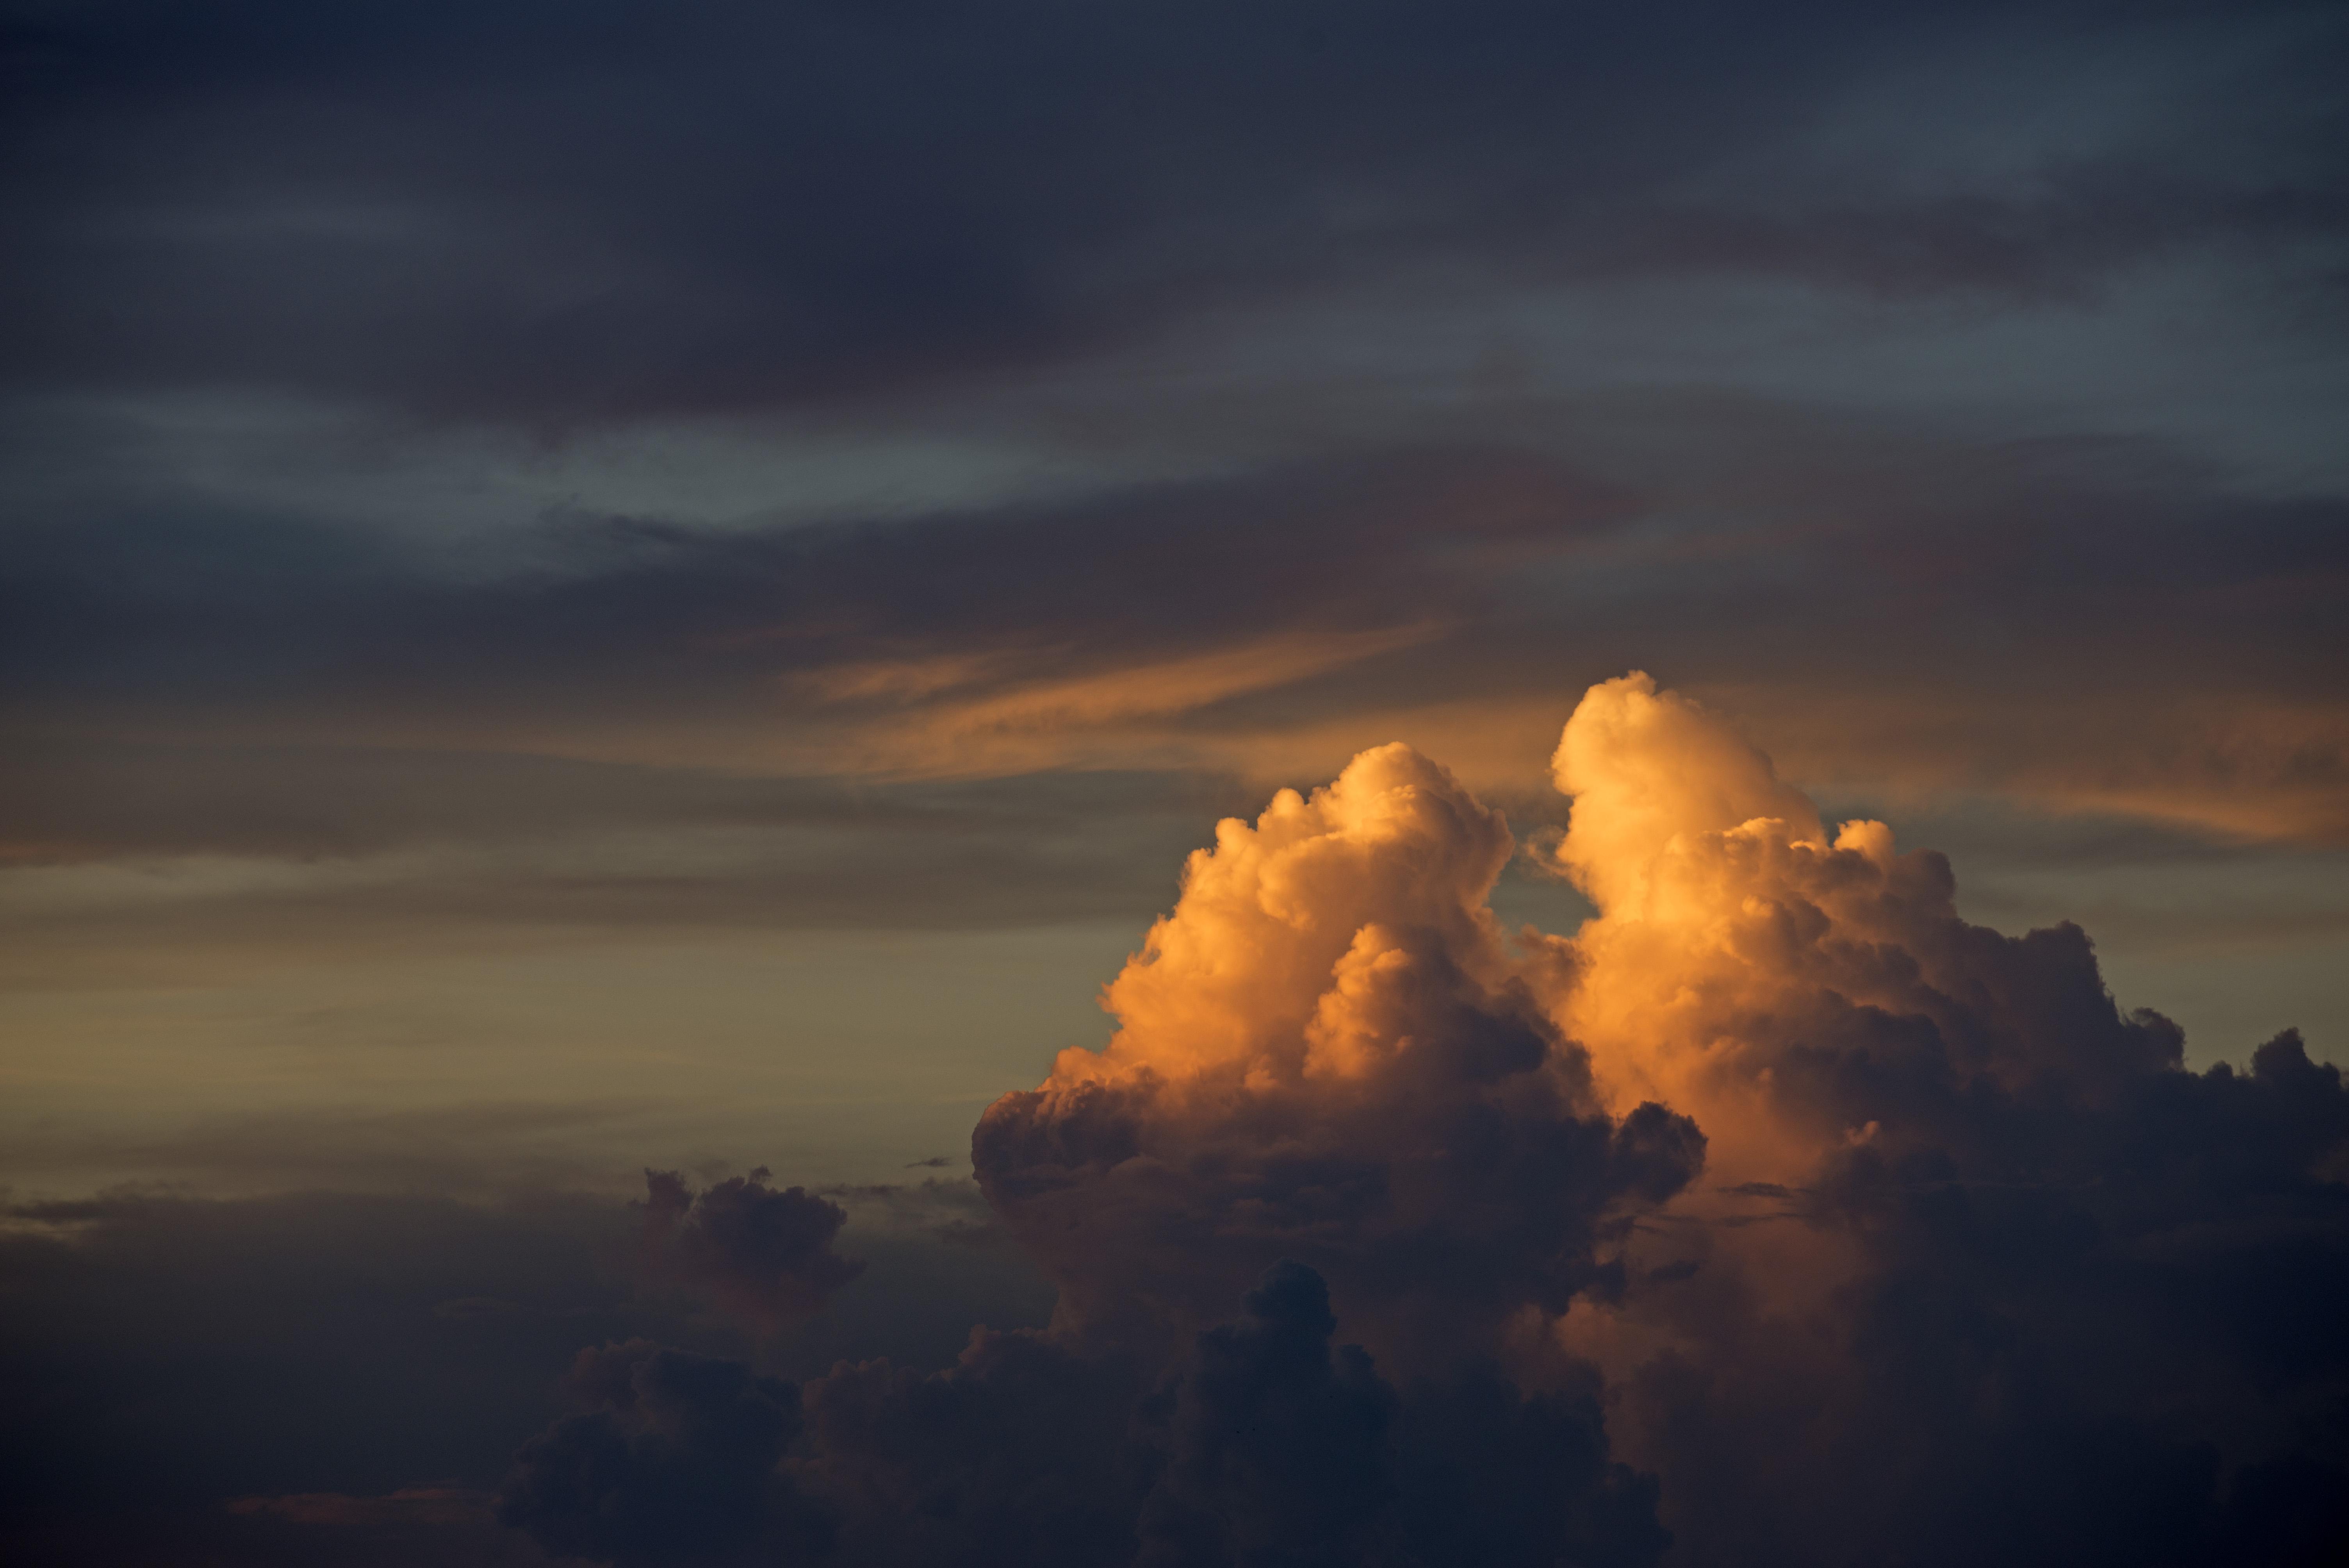 Bataille de nuages